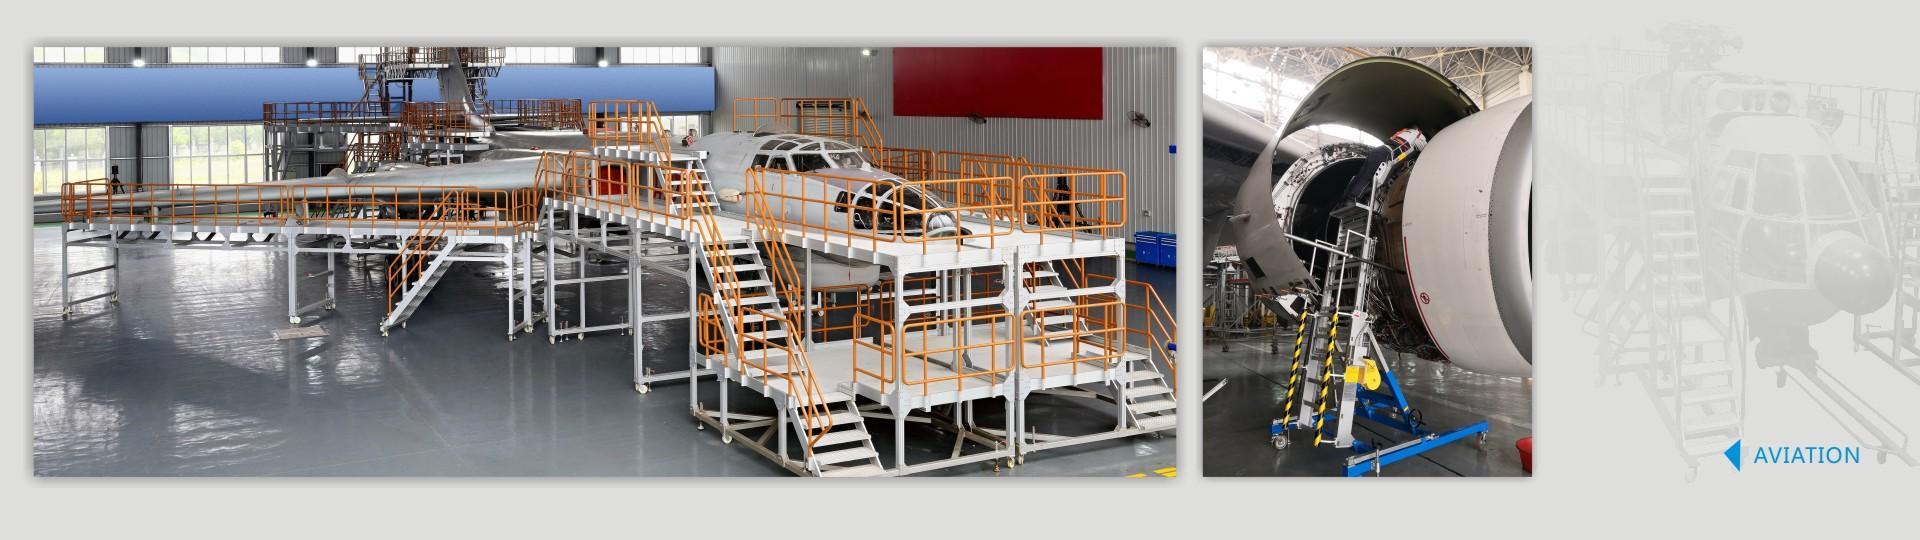 Aircraft Work Platform